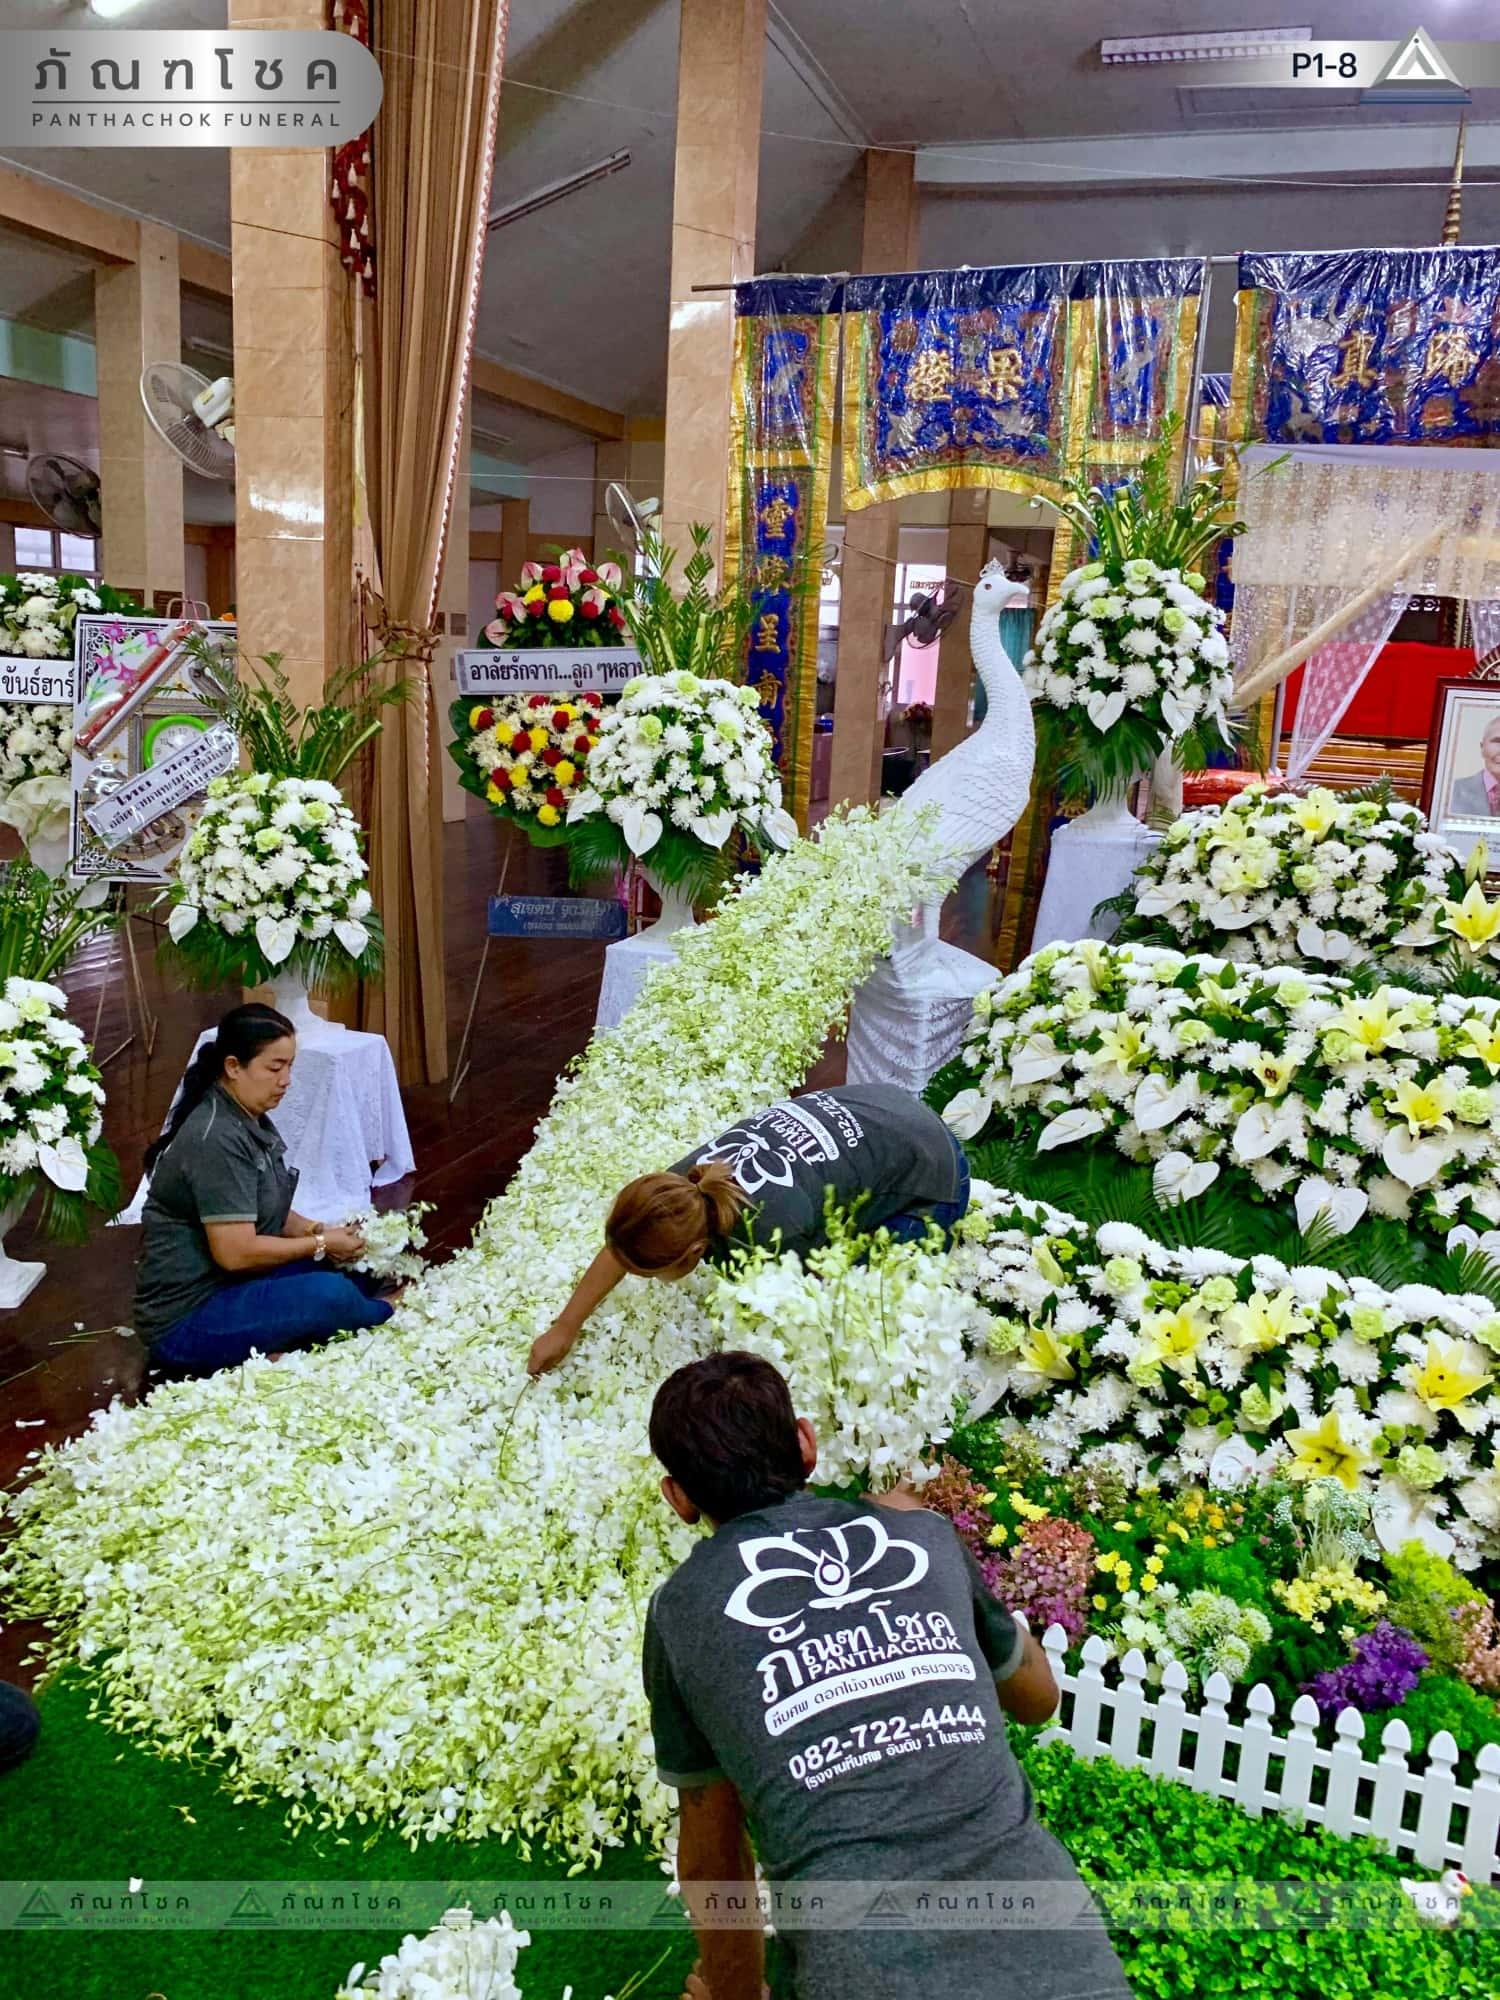 ดอกไม้หน้าศพ-ชุด-p1-8 56